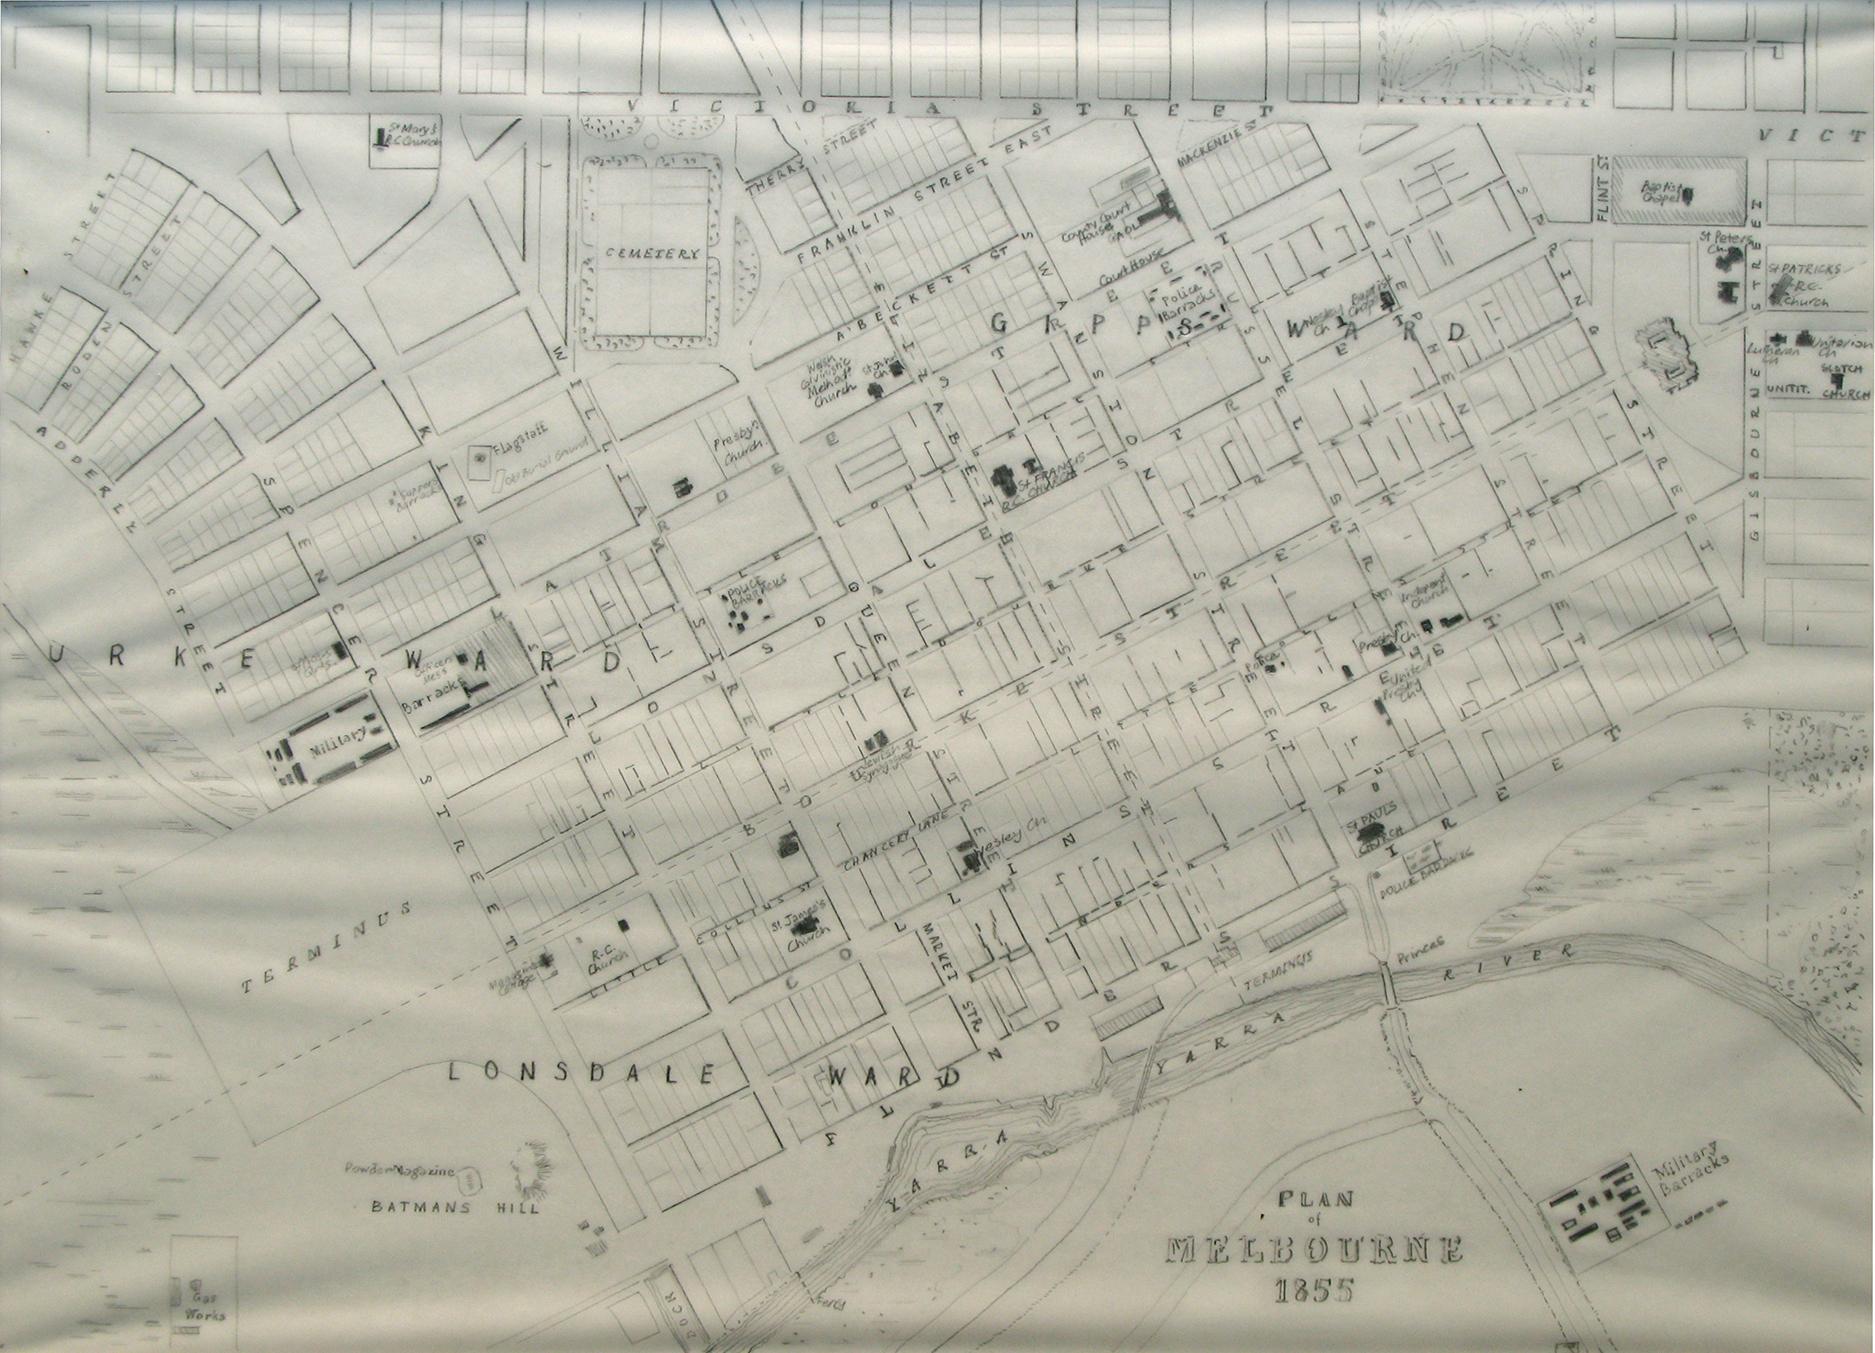 05 Melb Church map.jpg